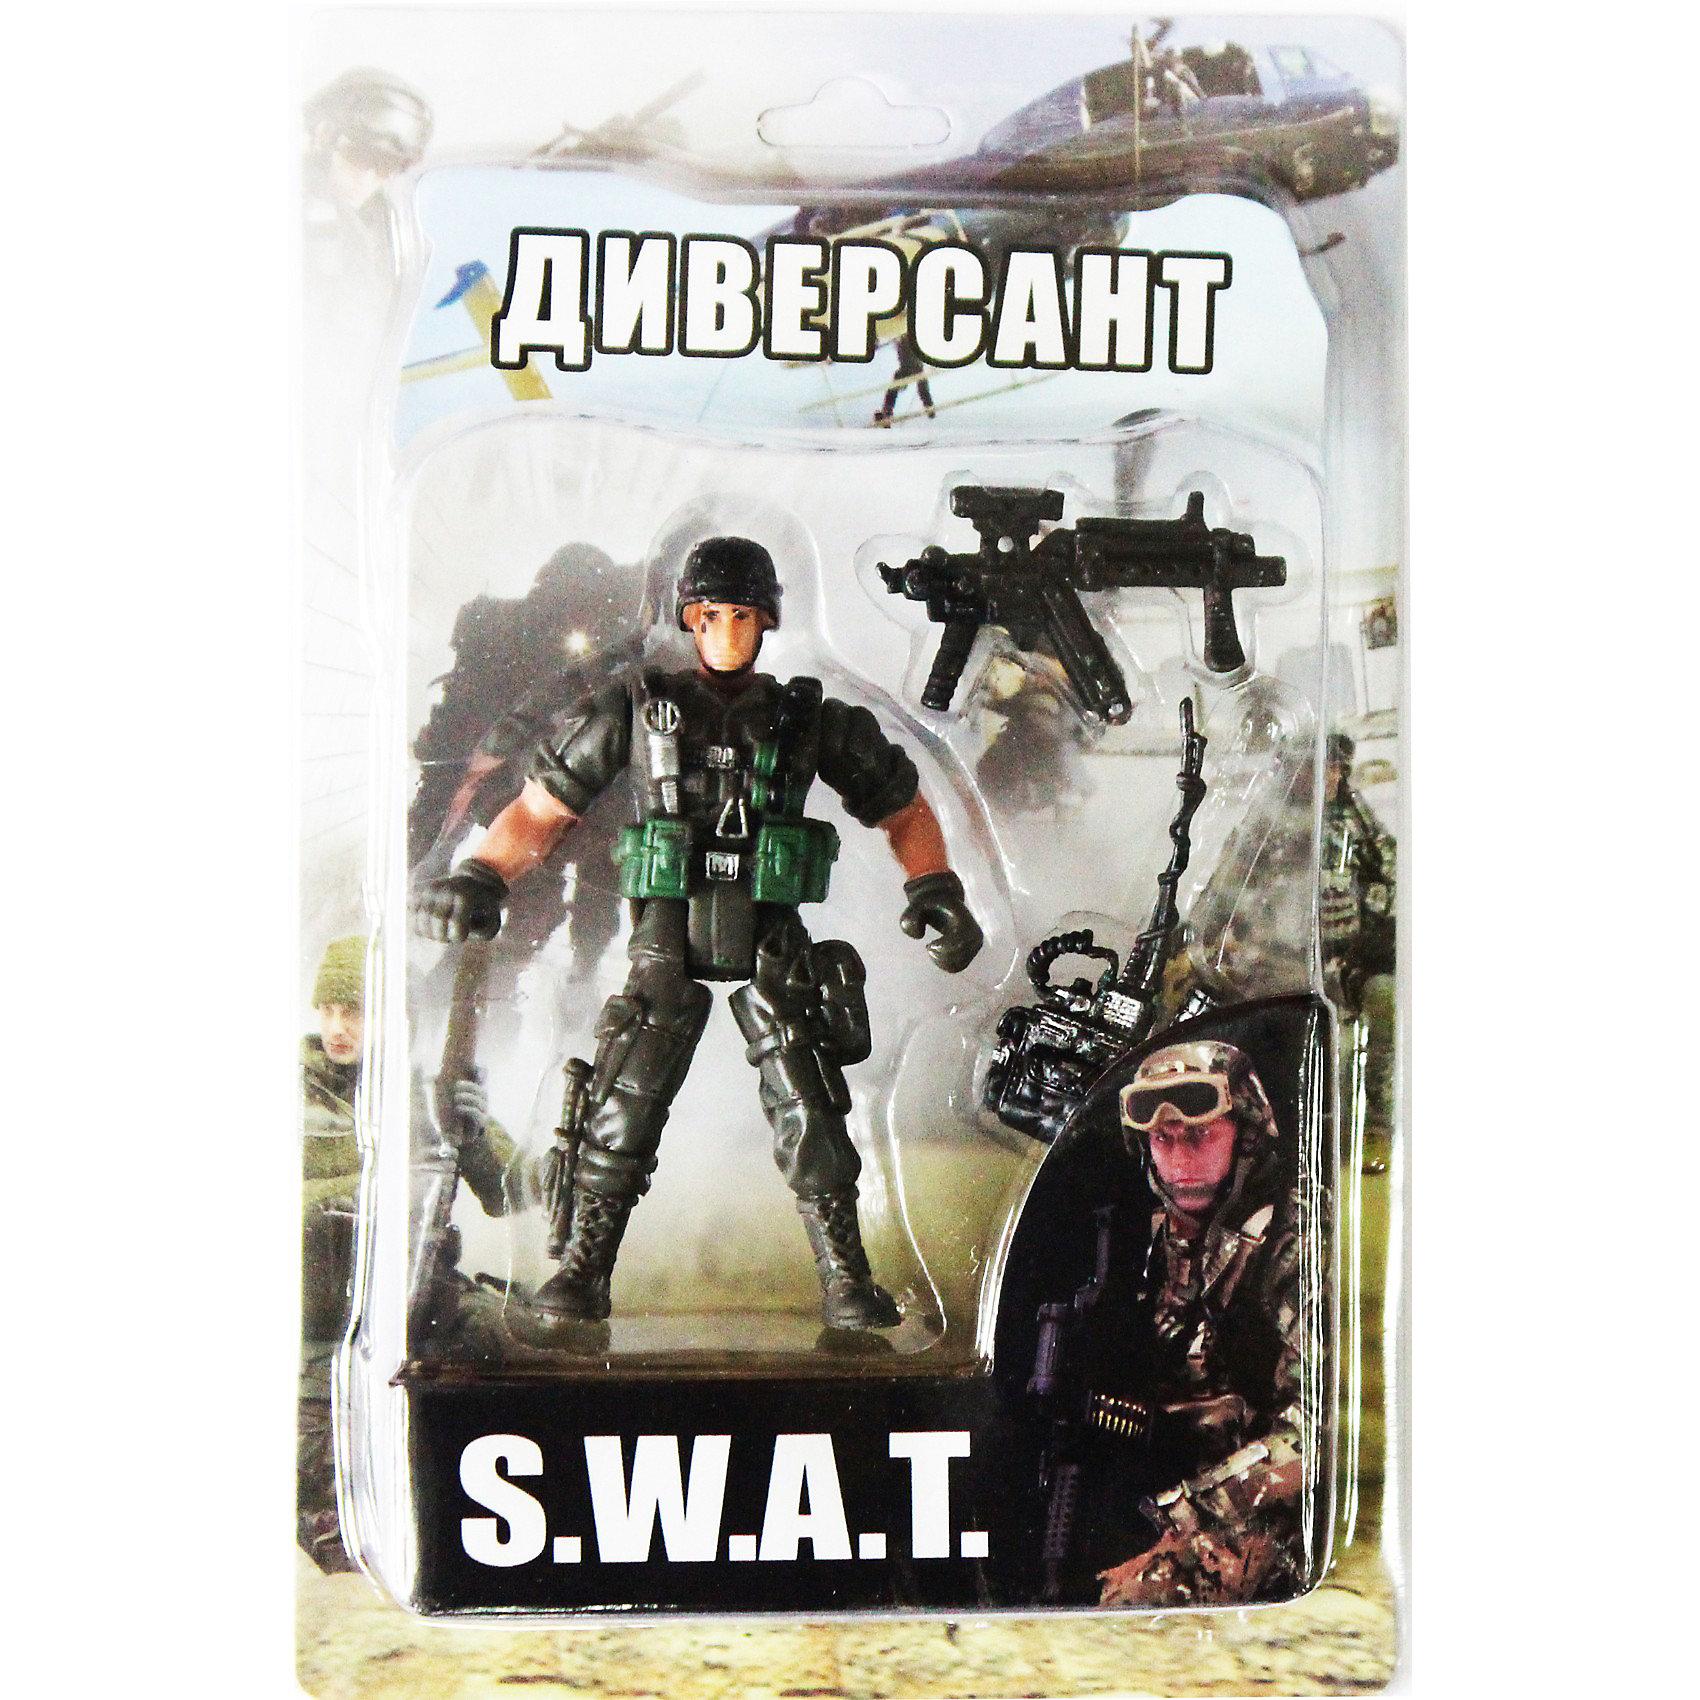 Фигурка Диверсант. Отряд SWATСолдатики и рыцари<br>Все мальчишки любят играть в войн и солдатиков, а когда это бойцы спецподразделения SWAT (Special Weapons and Tactics), игра становится еще более интересной. Цель бойцов спецназа - обеспечение огневой мощи в ходе специальных операций в ситуациях, характеризующихся высокой степенью риска, где специальная тактика необходима для минимизации потерь.<br>Диверсант - боец спецподразделения, осуществляющий скрытую подготовку и реализацию уничтожения важных объектов командной и снабженческой структуры.<br><br>Дополнительная информация:<br><br>- высота: около 10 см<br>- у фигурки подвижные руки и ноги<br>- размер упаковки: 14 х 20 х 4 см<br>- материал: пластик<br>- в комплекте аксессуары: рация и автомат<br><br>Фигурку  Диверсанта. Отряд SWAT можно купить в нашем магазине.<br><br>Ширина мм: 40<br>Глубина мм: 140<br>Высота мм: 200<br>Вес г: 200<br>Возраст от месяцев: 36<br>Возраст до месяцев: 120<br>Пол: Мужской<br>Возраст: Детский<br>SKU: 3730514